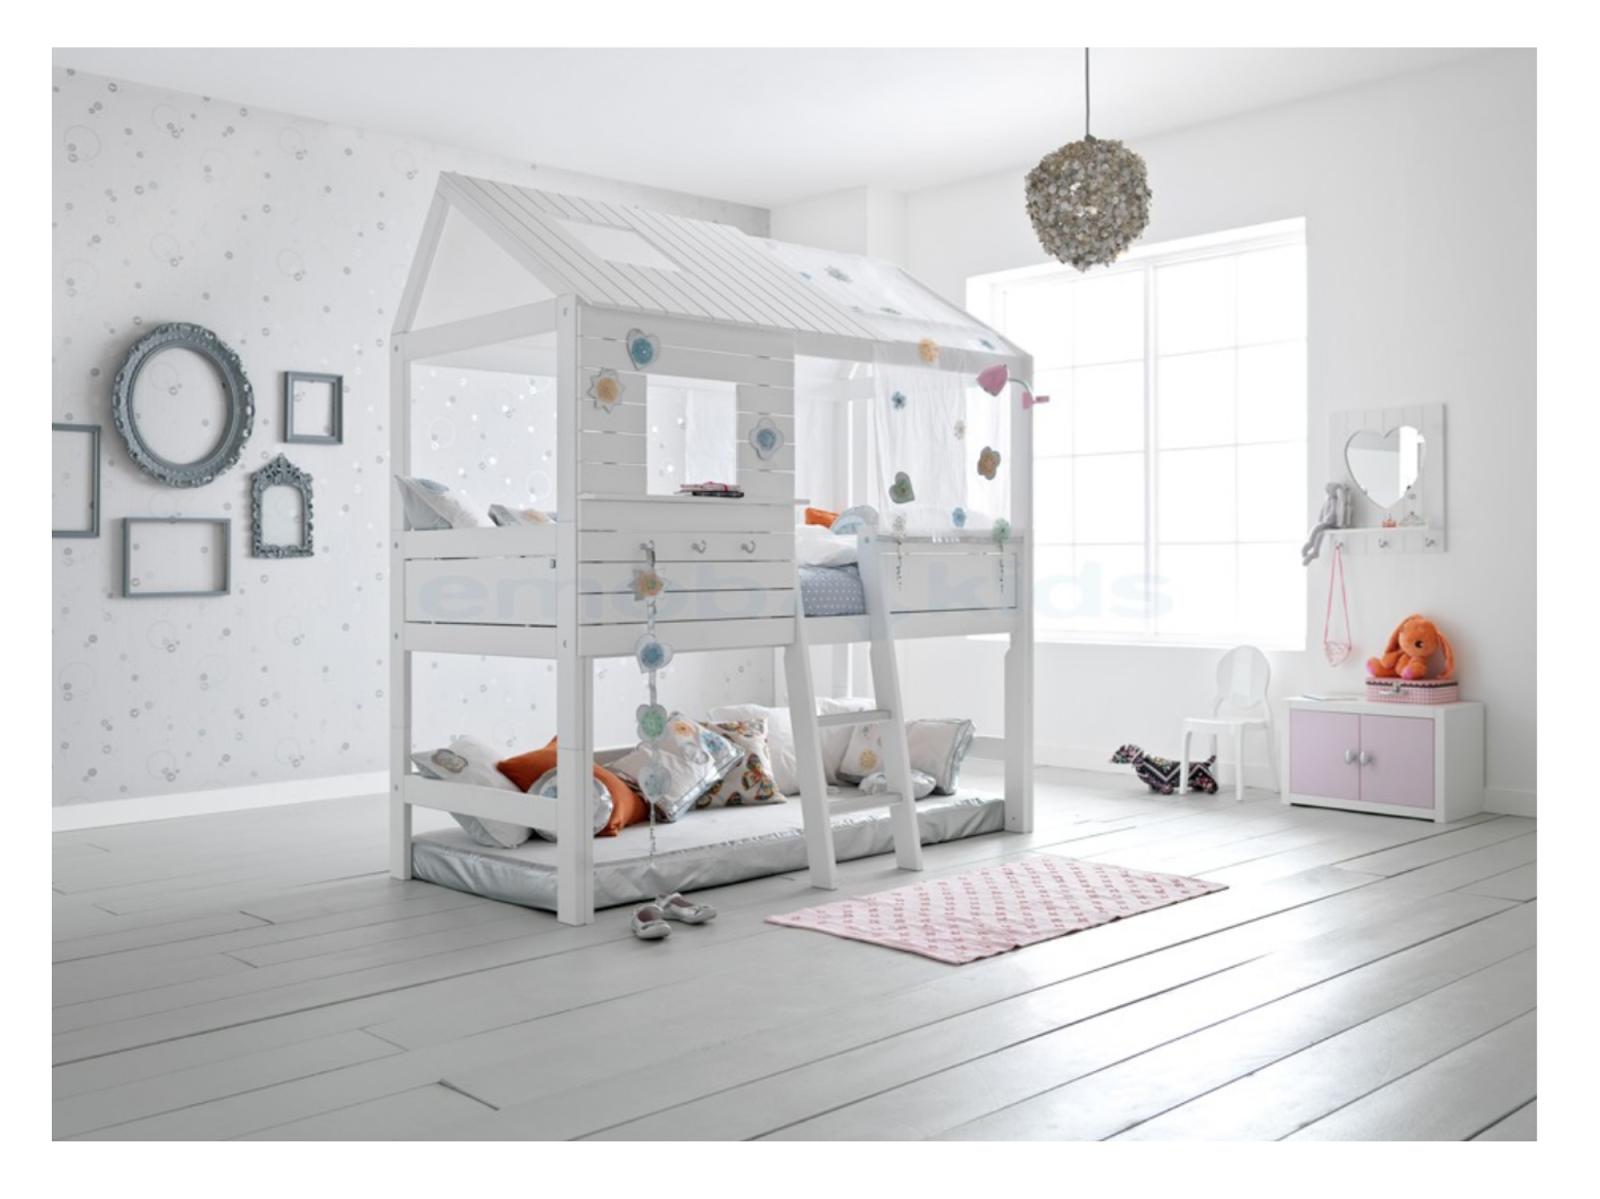 kinder teilen sich ein zimmer leben einer mama. Black Bedroom Furniture Sets. Home Design Ideas